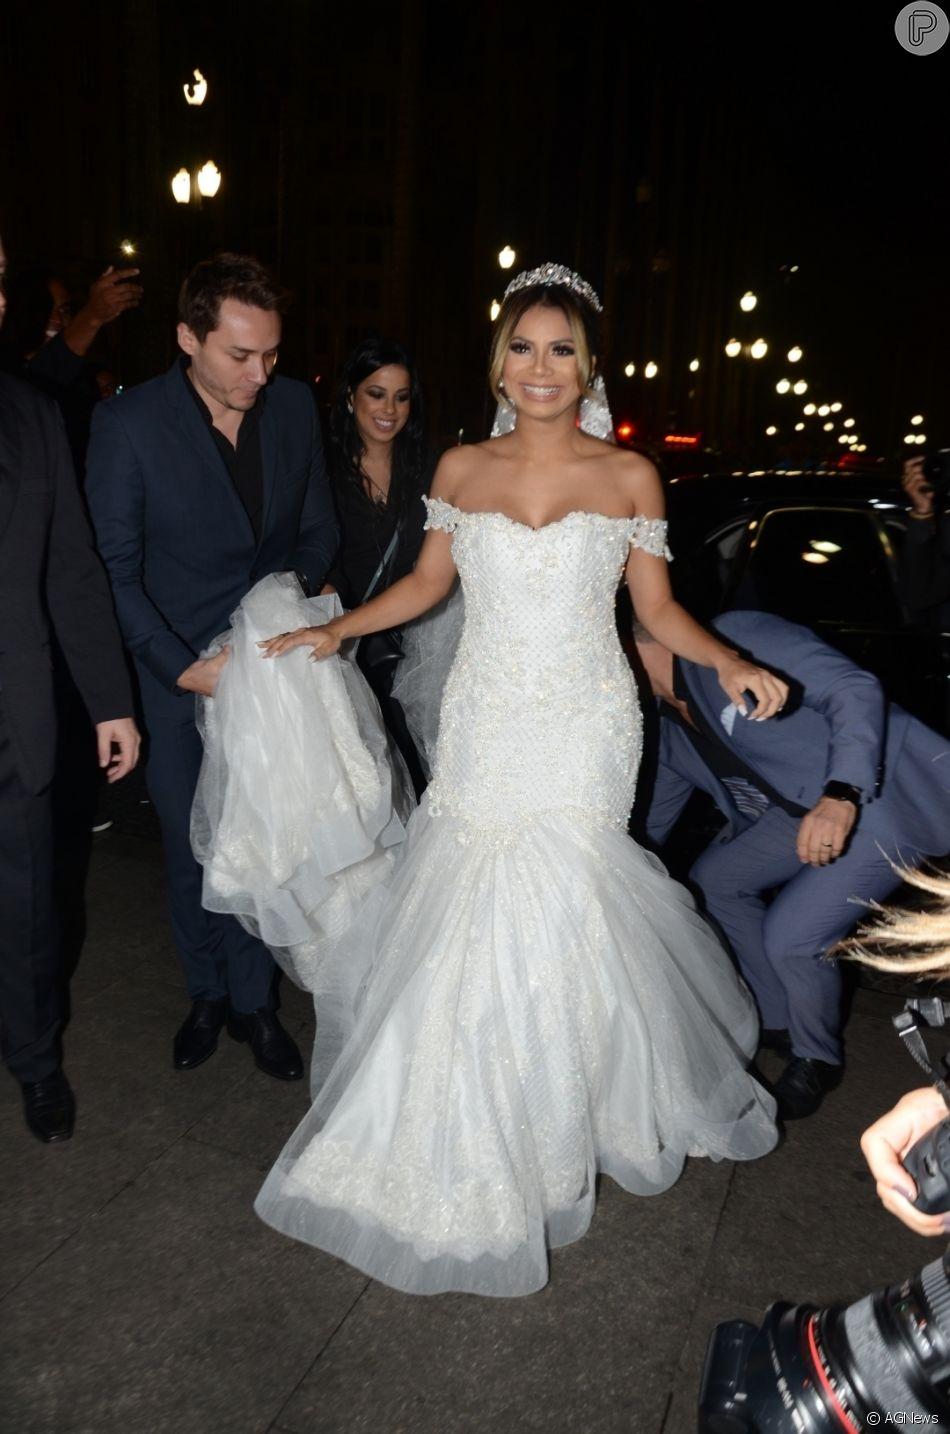 Lexa usou um vestido sereia no casamento com MC Guimê, na Catedral da Sé, em São Paulo, na terça-feira, 22 de maio de 2018